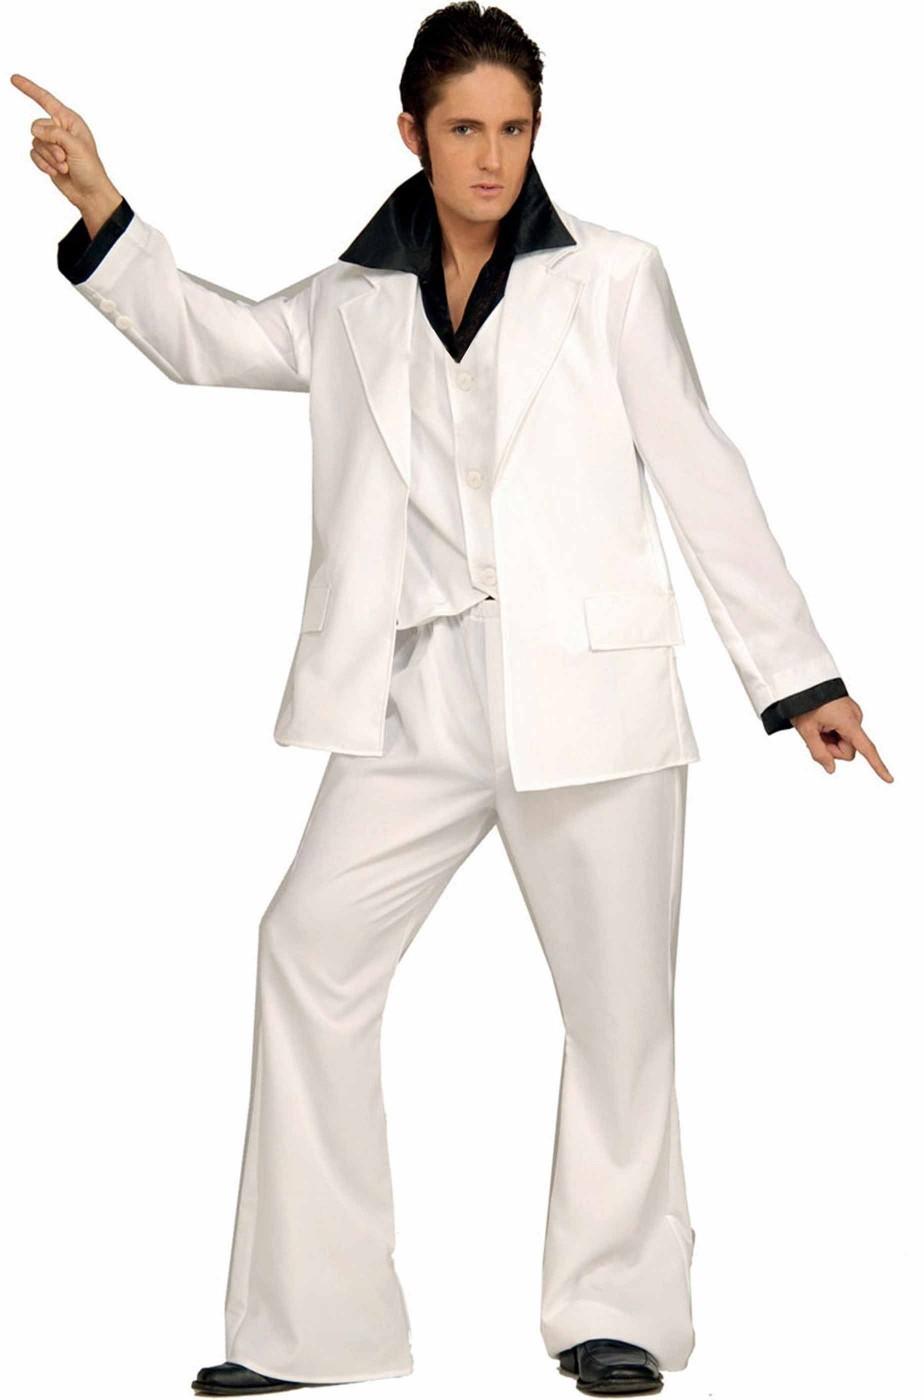 d416a04a3e11 costume uomo completo adulto saturday night fever Tony Manero bianco